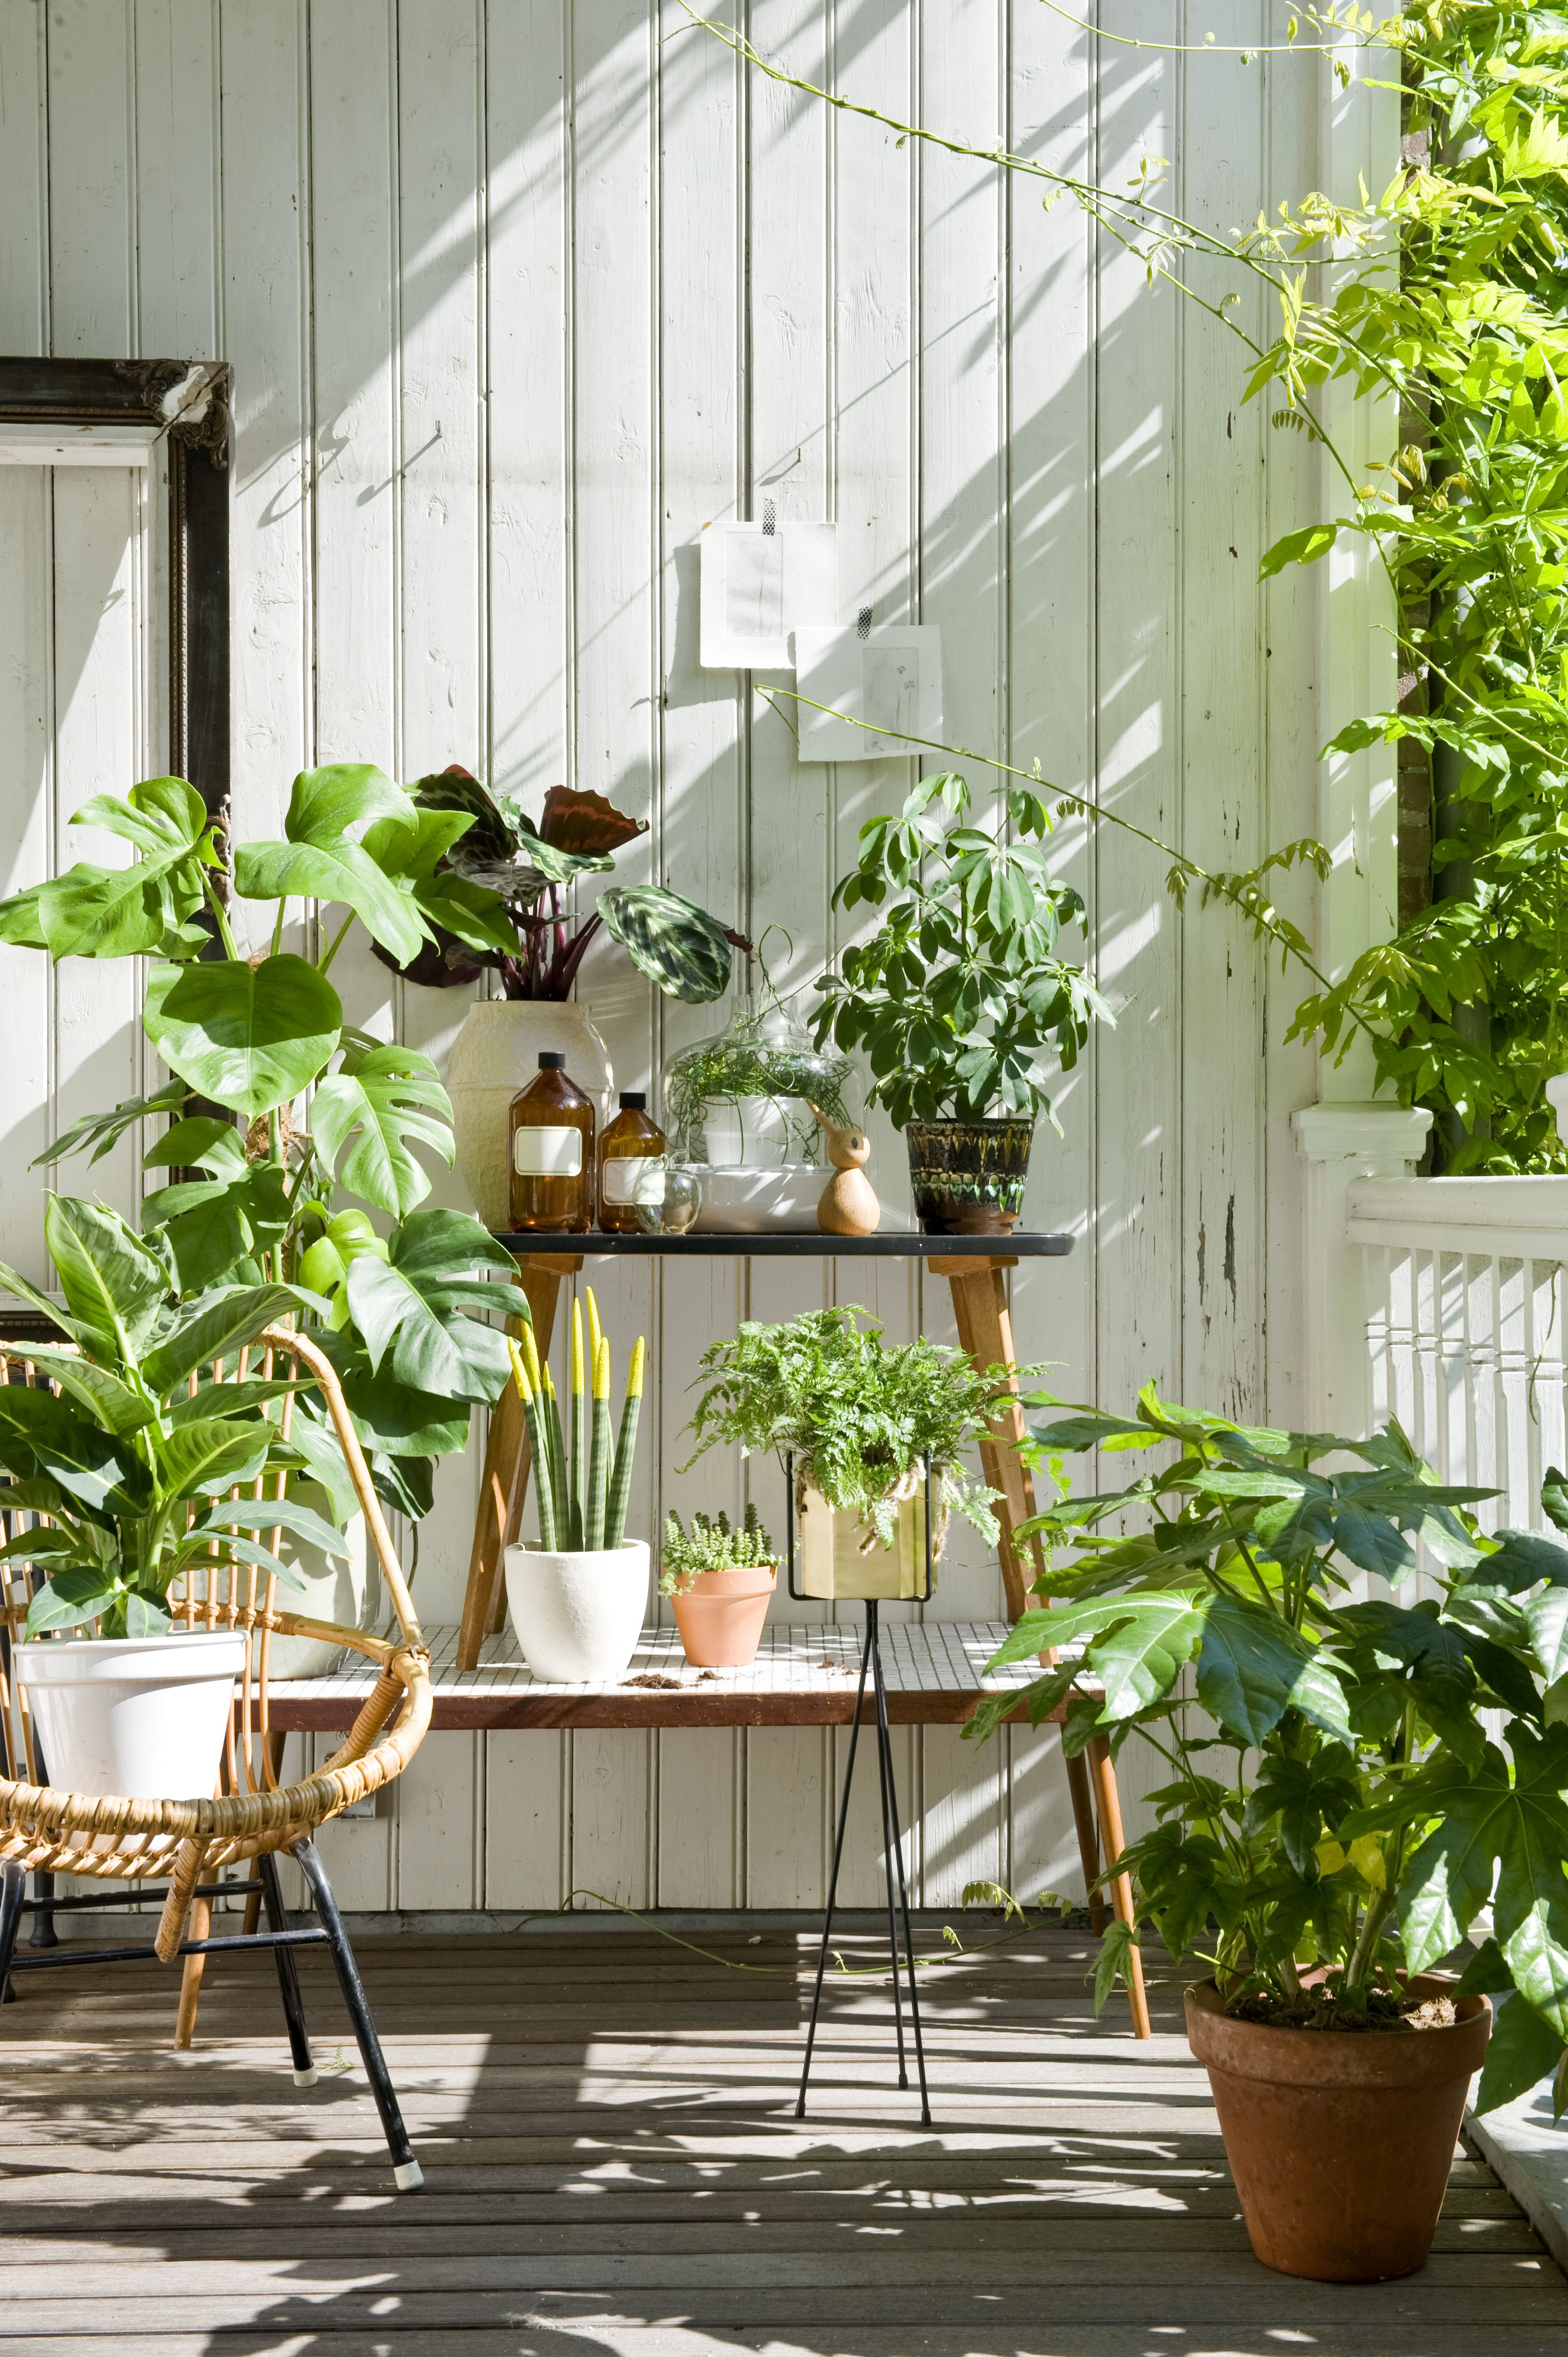 Mit Pflanzen Den Sommer Feiern Plants Garden Planters